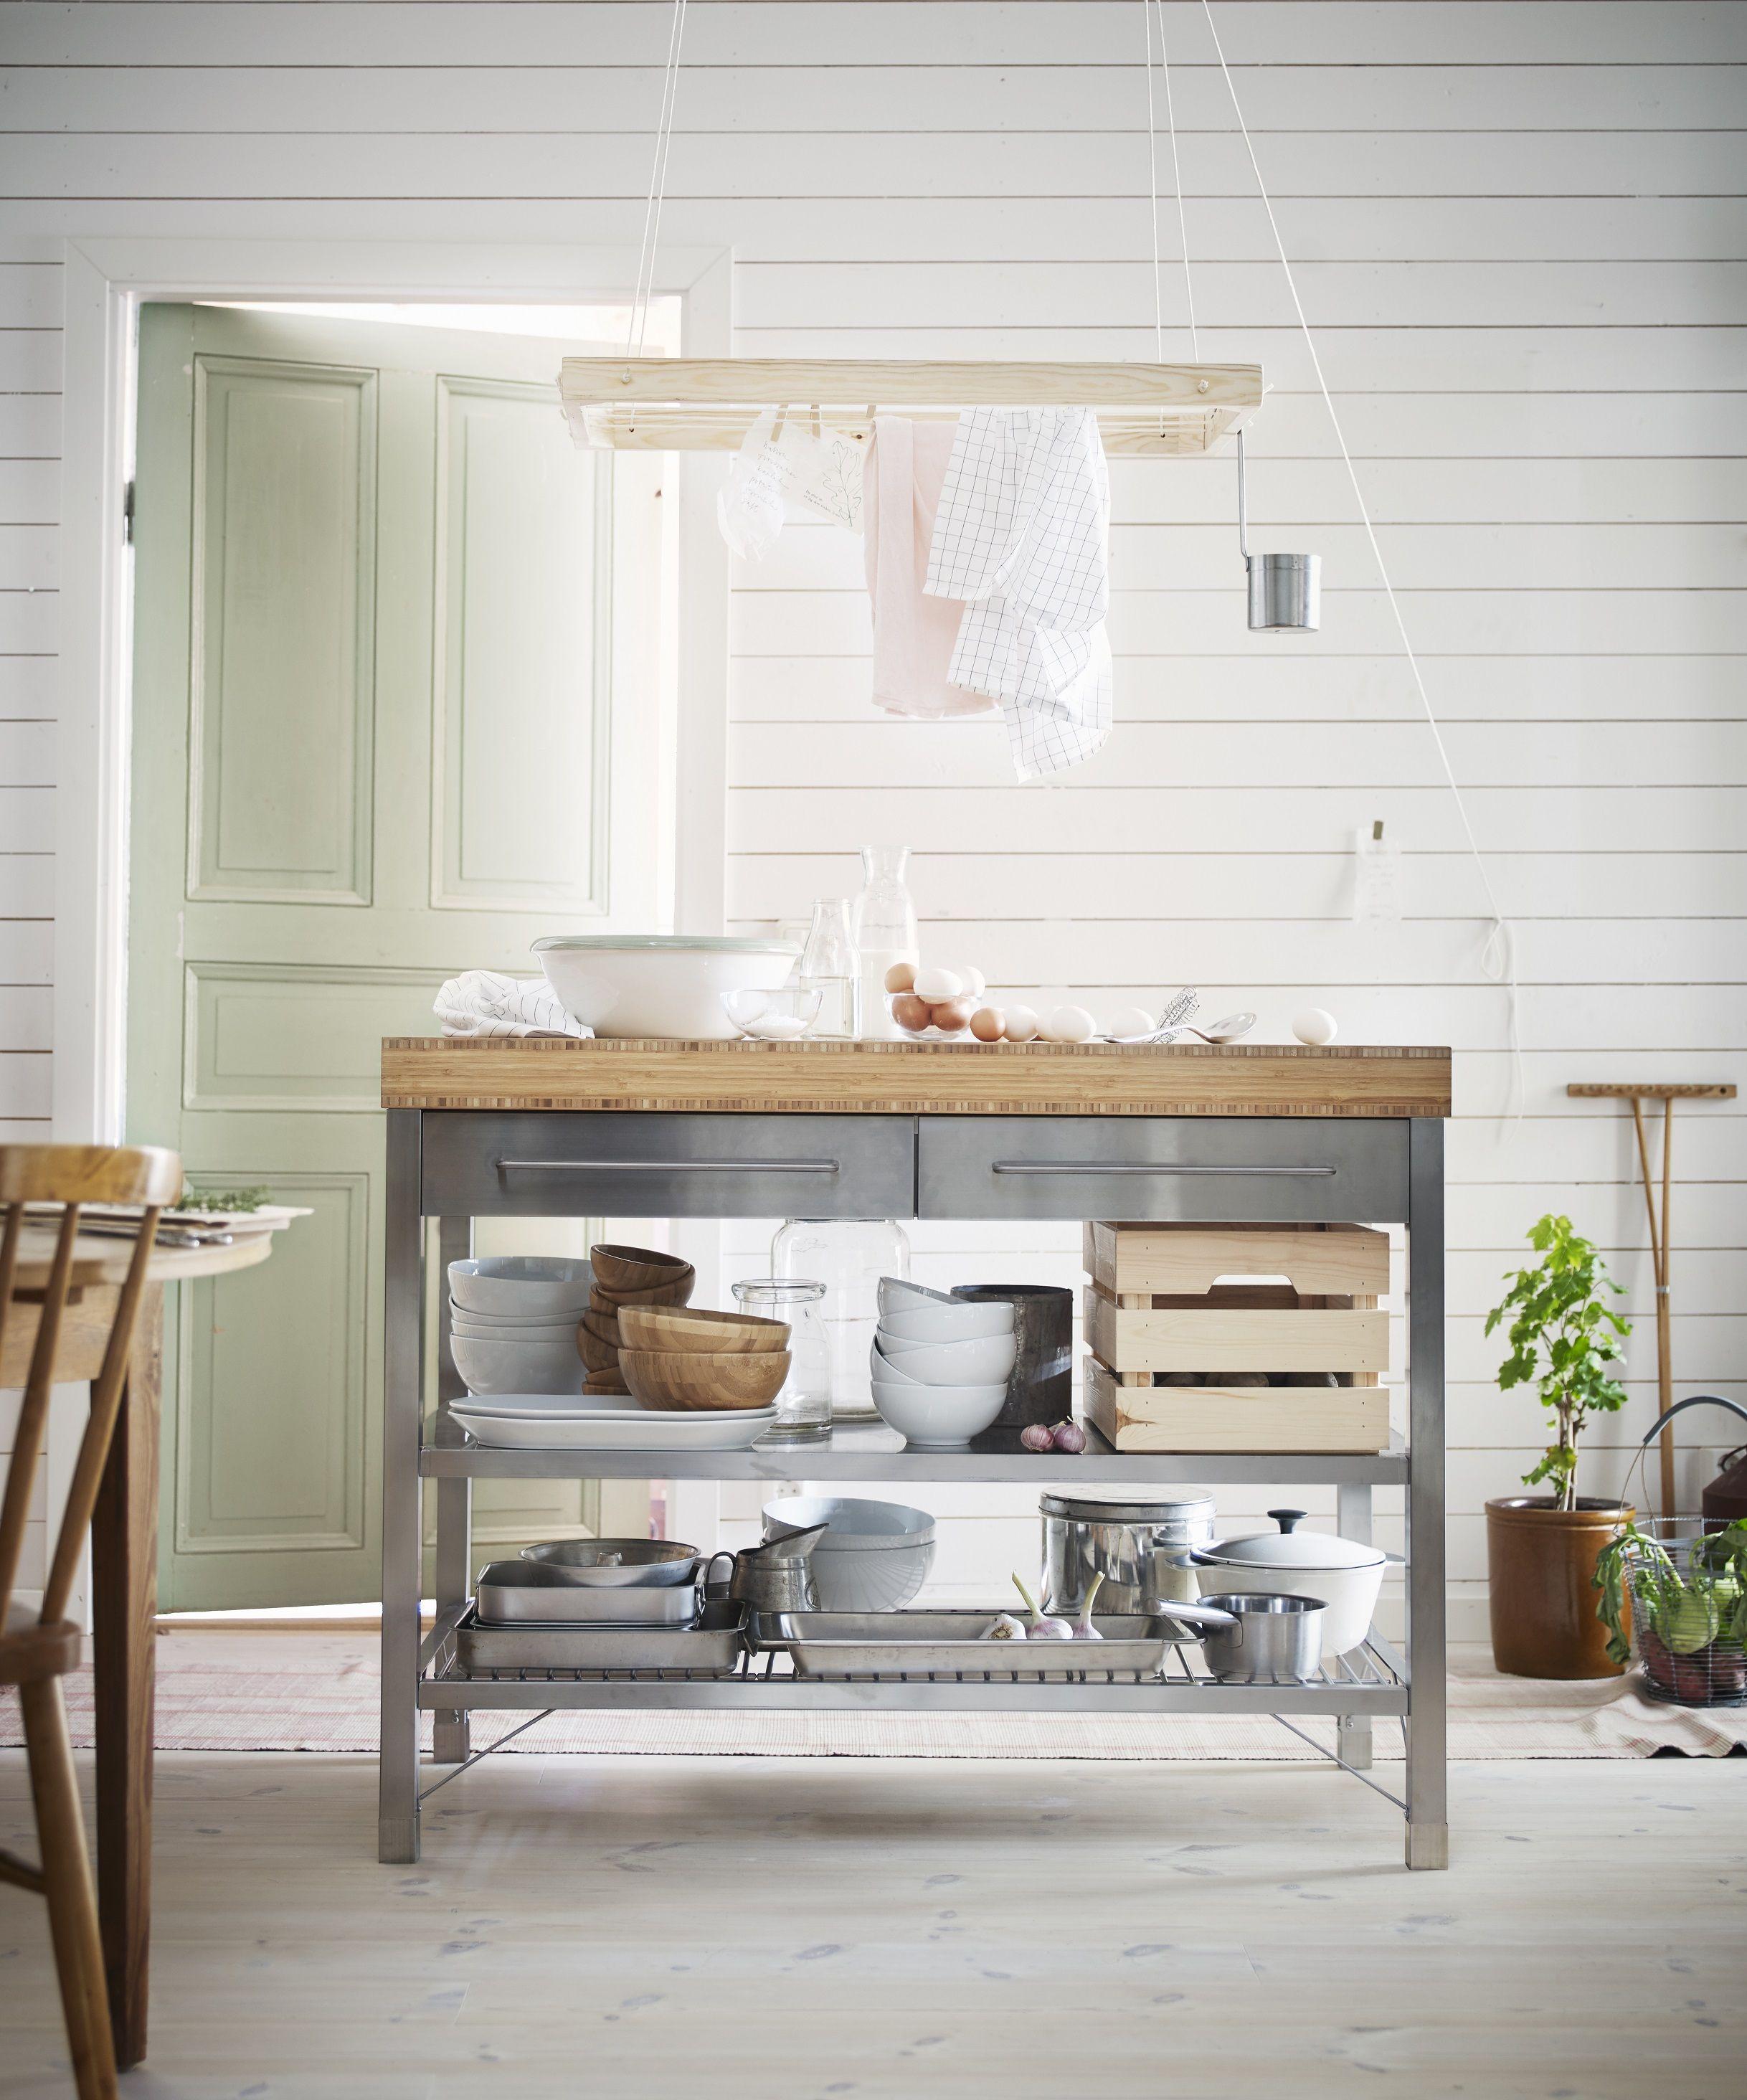 RIMFORSA werkbank | #nieuw #IKEA #IKEAnl #bamboe #roestvrijstaal #keuken #koken #snijden